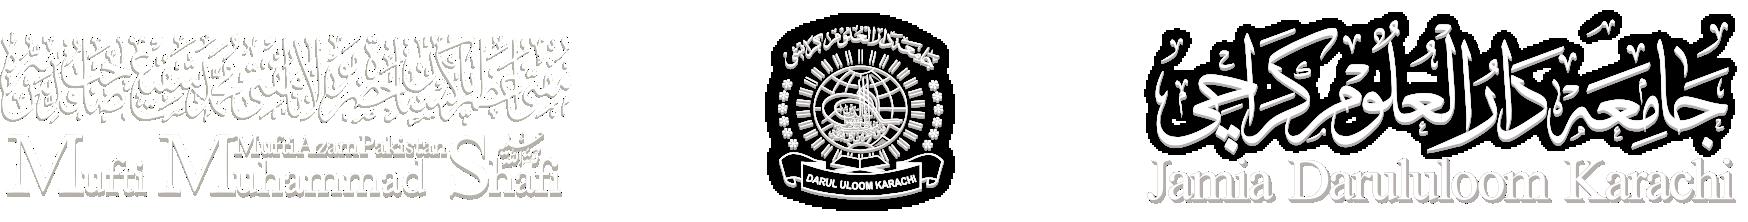 جامعہ دارالعلوم کراچی ،کورنگی  ، پاکستان